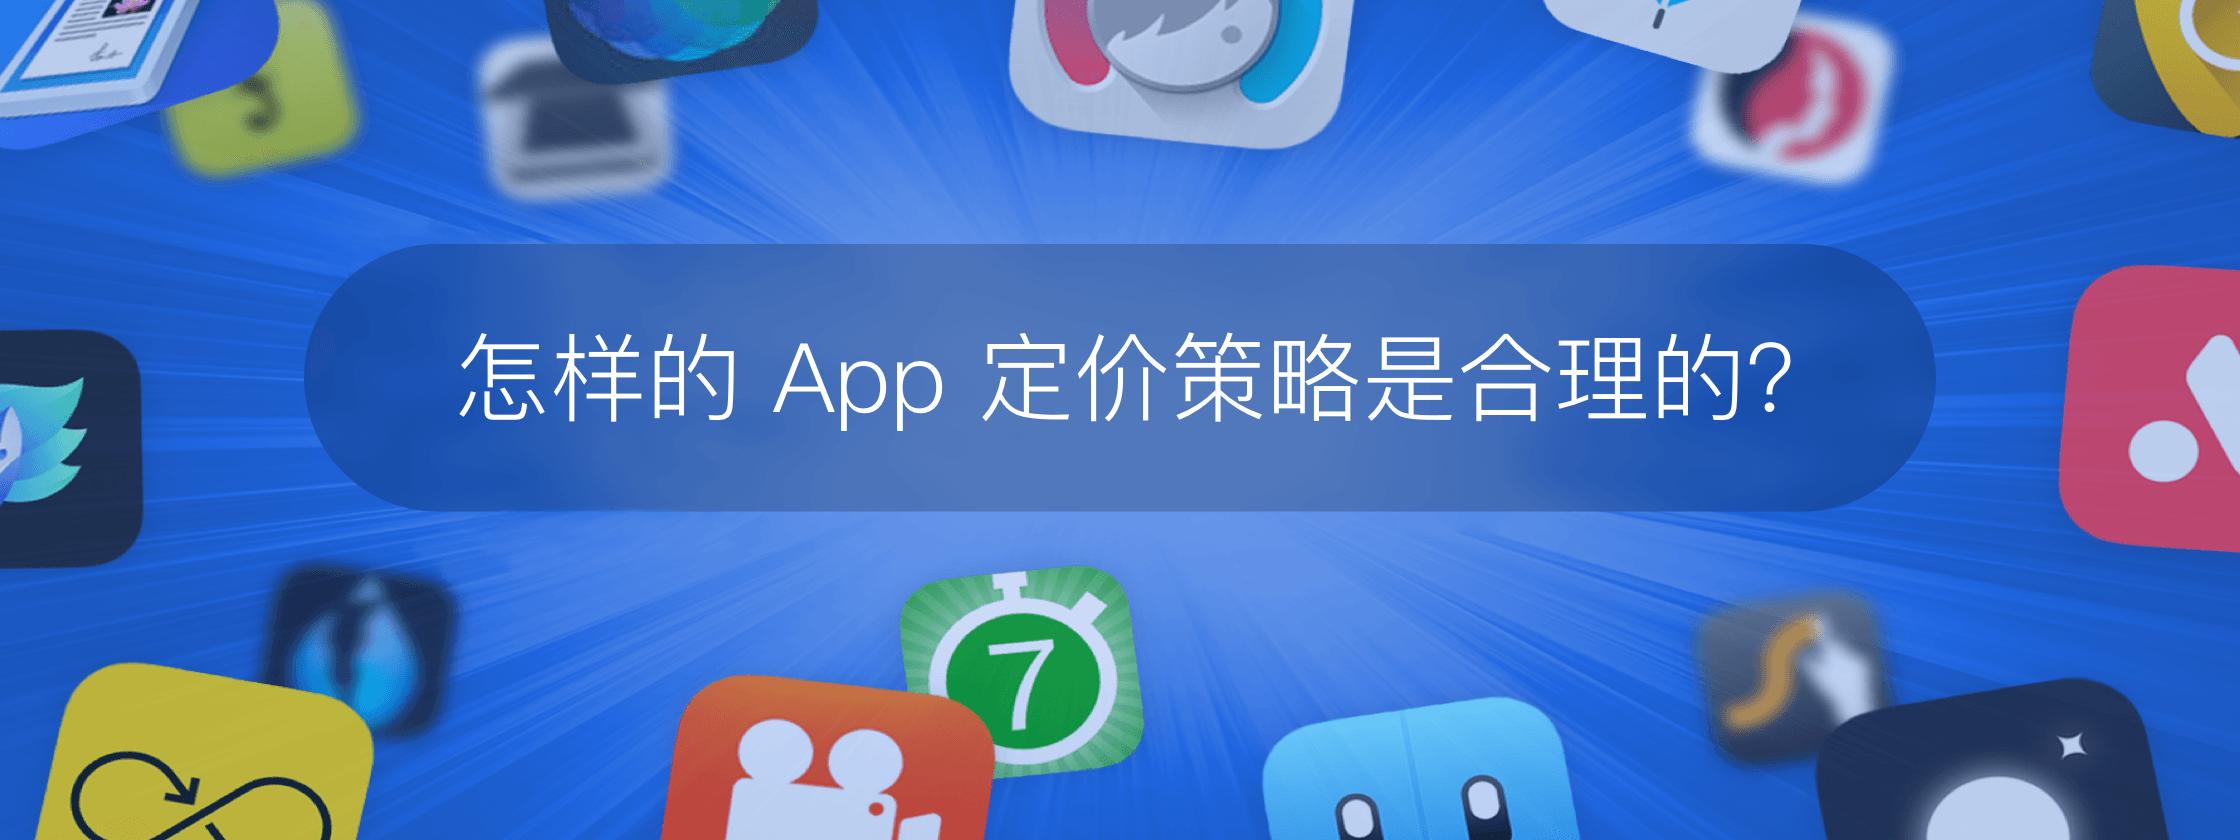 怎样的 App 定价策略是合理的?